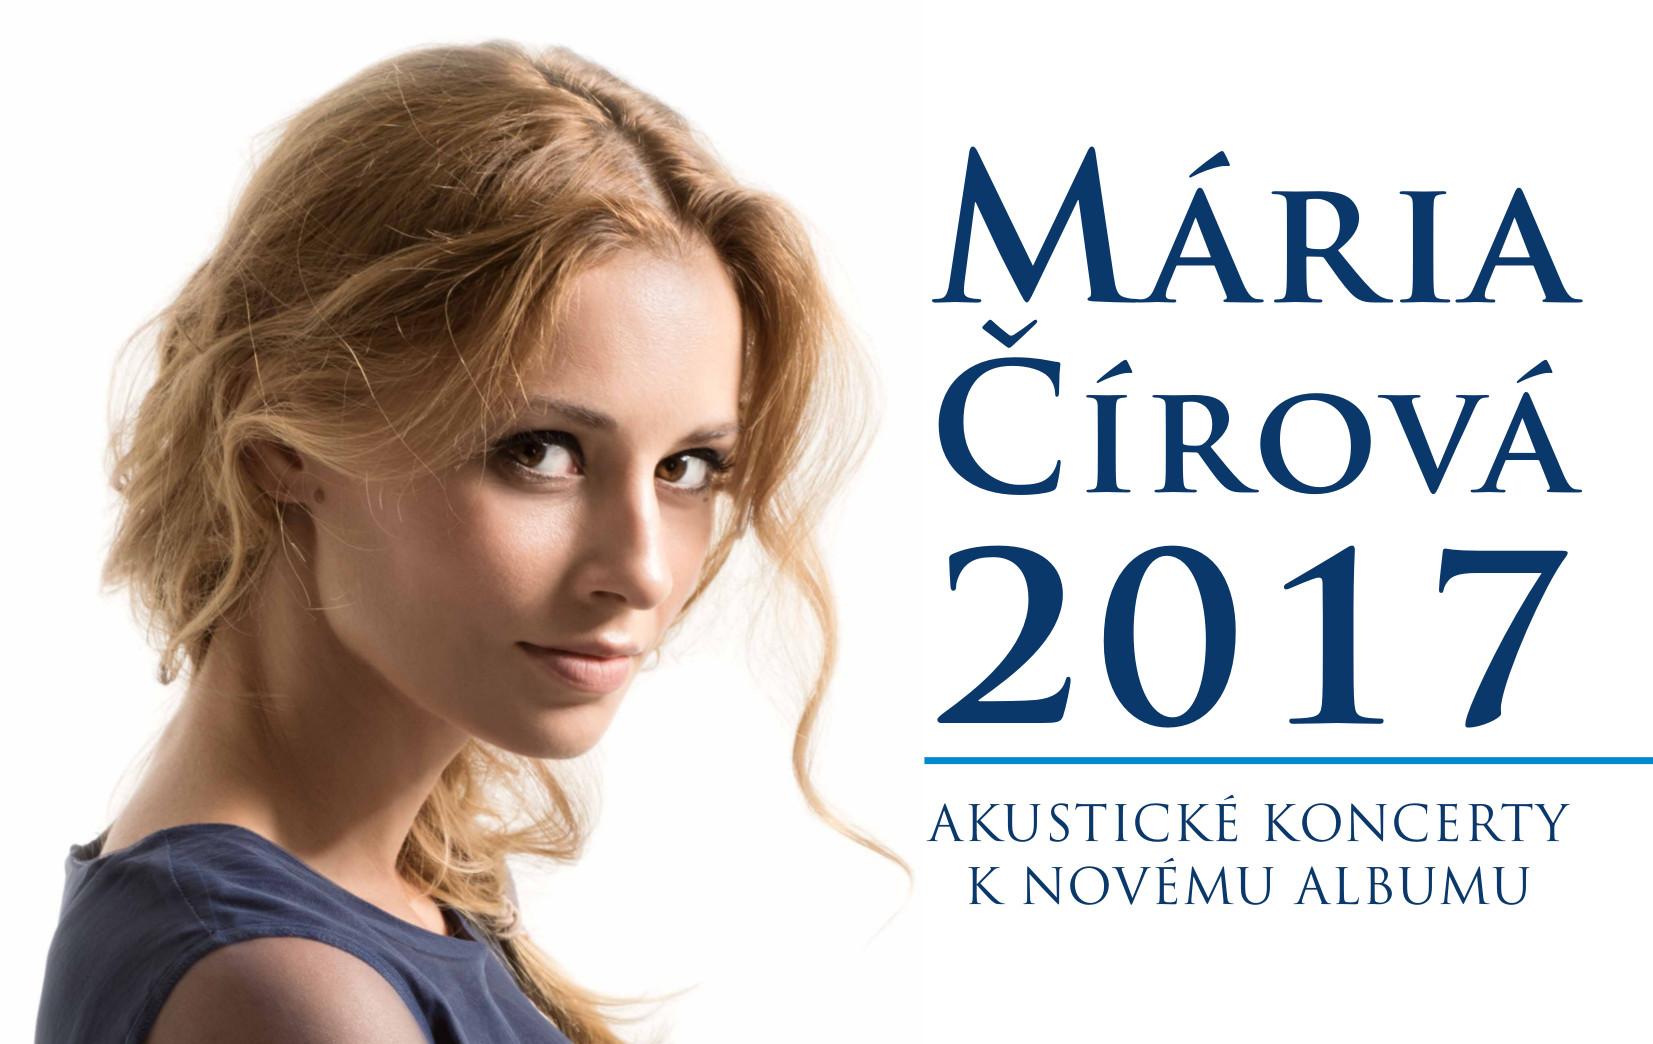 e92b86f85 MÁRIA ČÍROVÁ #2017 Akustické koncerty k - Katalóg firiem | moja Nitra